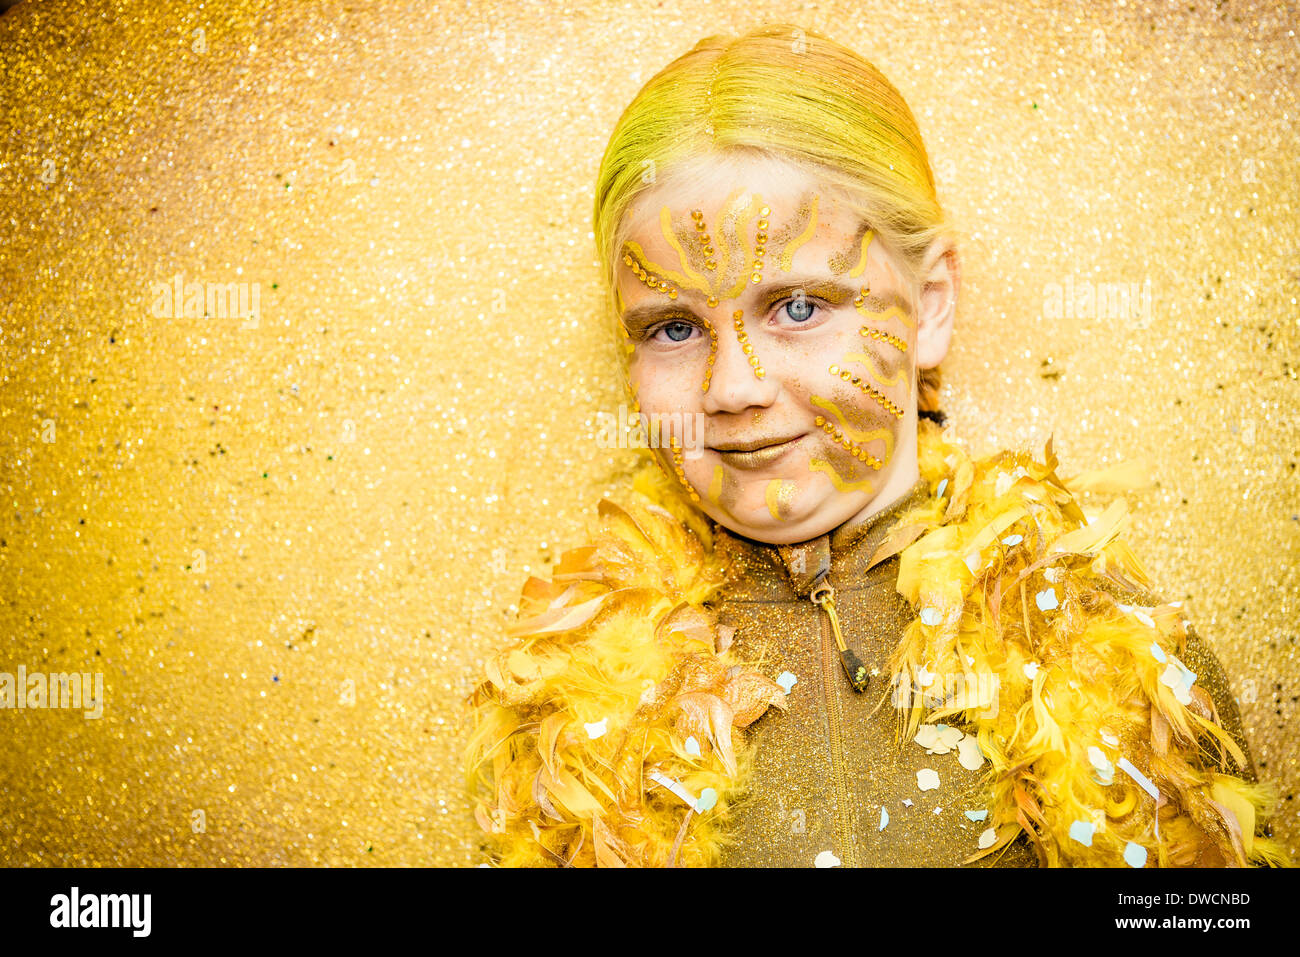 Sitges, Espagne. Mars 4th, 2014: Une jeune fille dans un costume de fantaisie pendant les danses le défilé Photo Stock